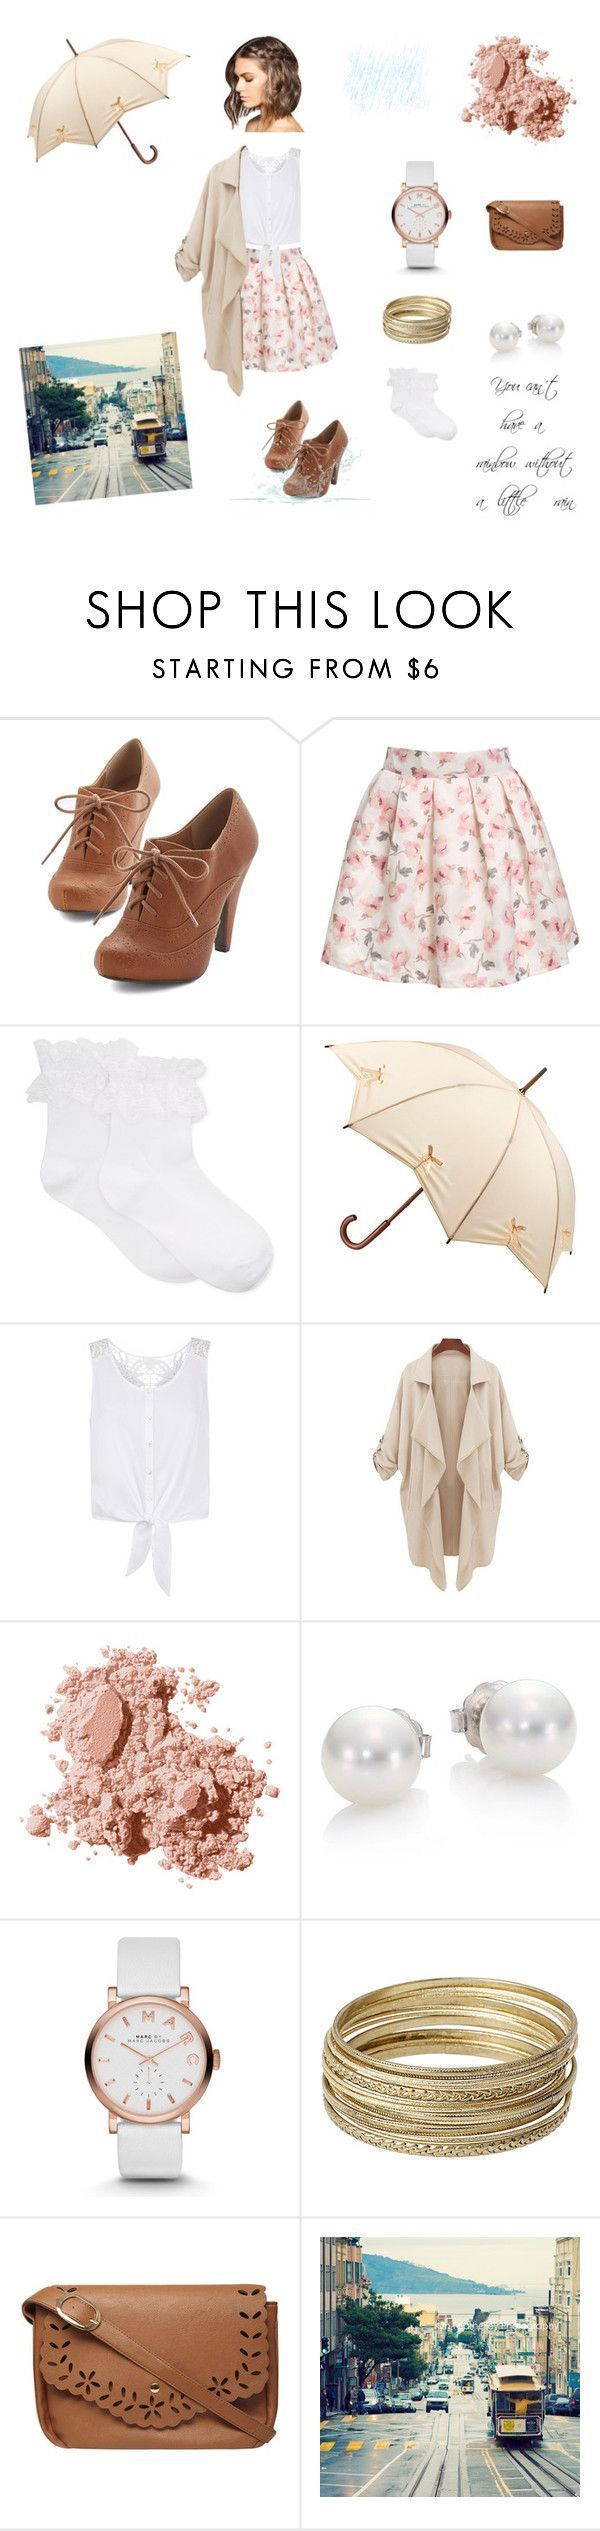 Süßes Outfit für einen regnerischen Sommertag von canthelpit  gefiel auf Polyvore featuri #rainydayoutfitforwork Süßes Outfit für einen regnerischen Sommertag von canthelpit  gefiel auf Polyvore featuri #summerdinneroutfits